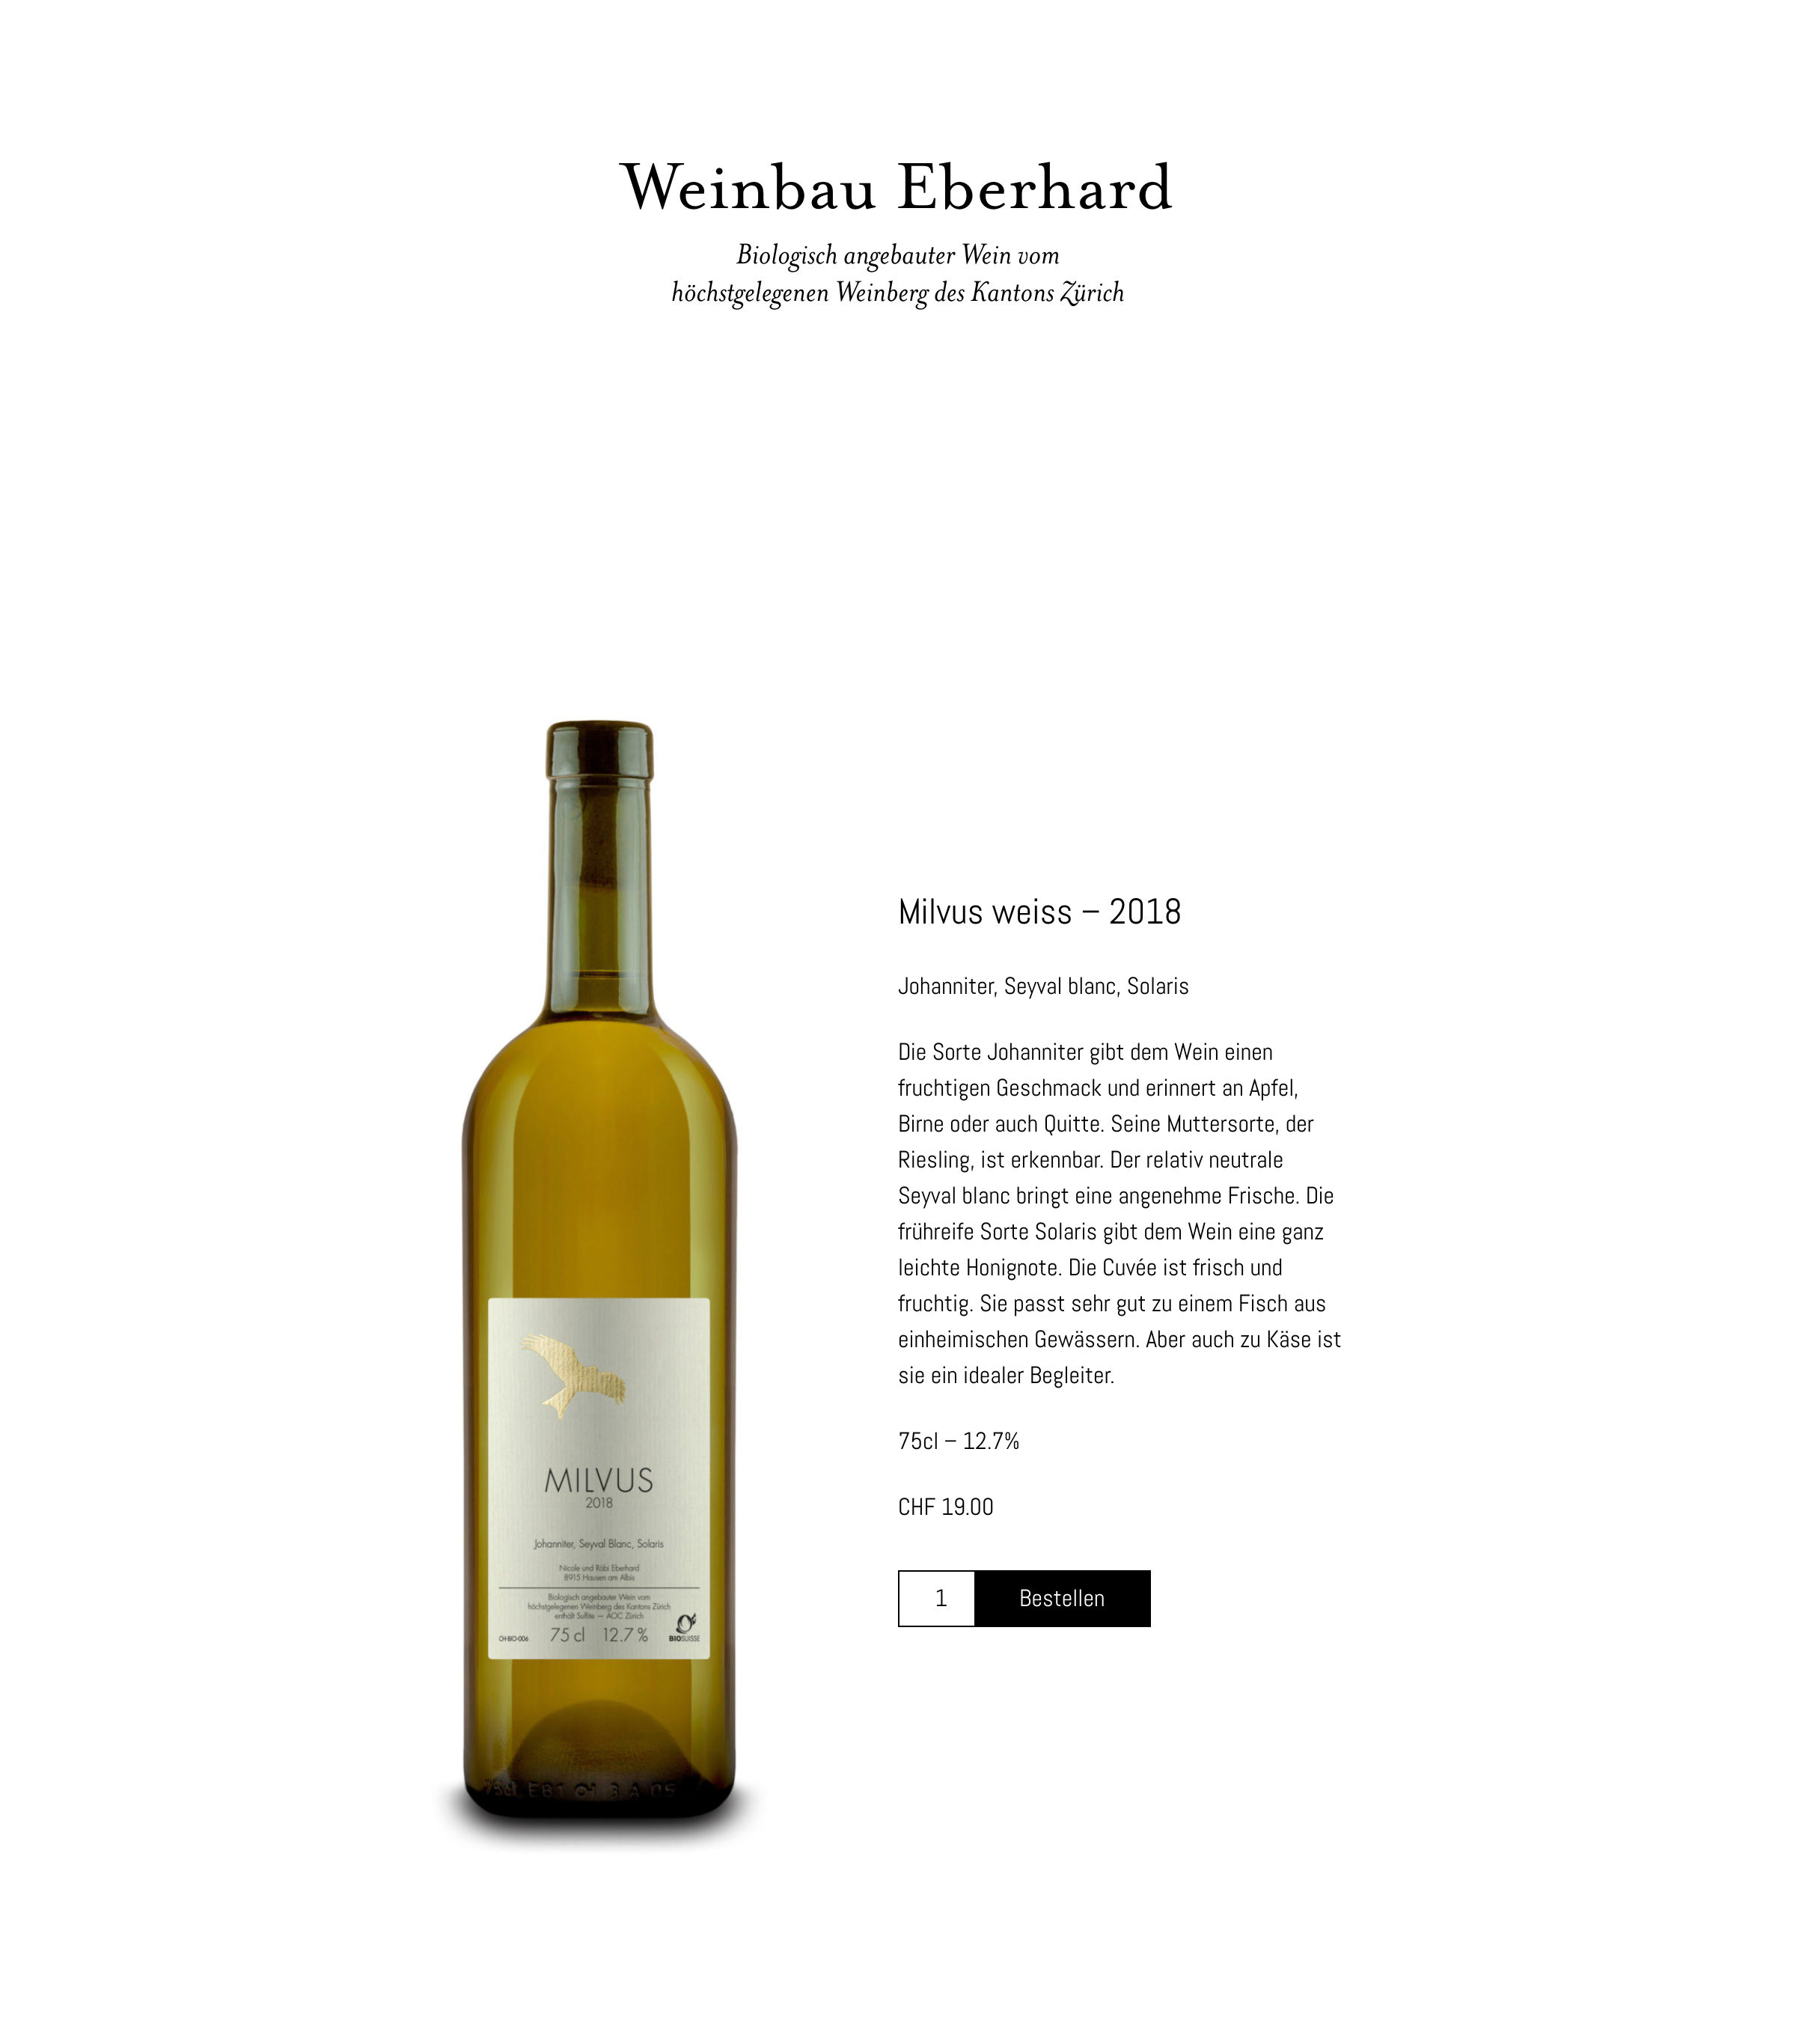 Produkteseite von Weinbau Eberhard